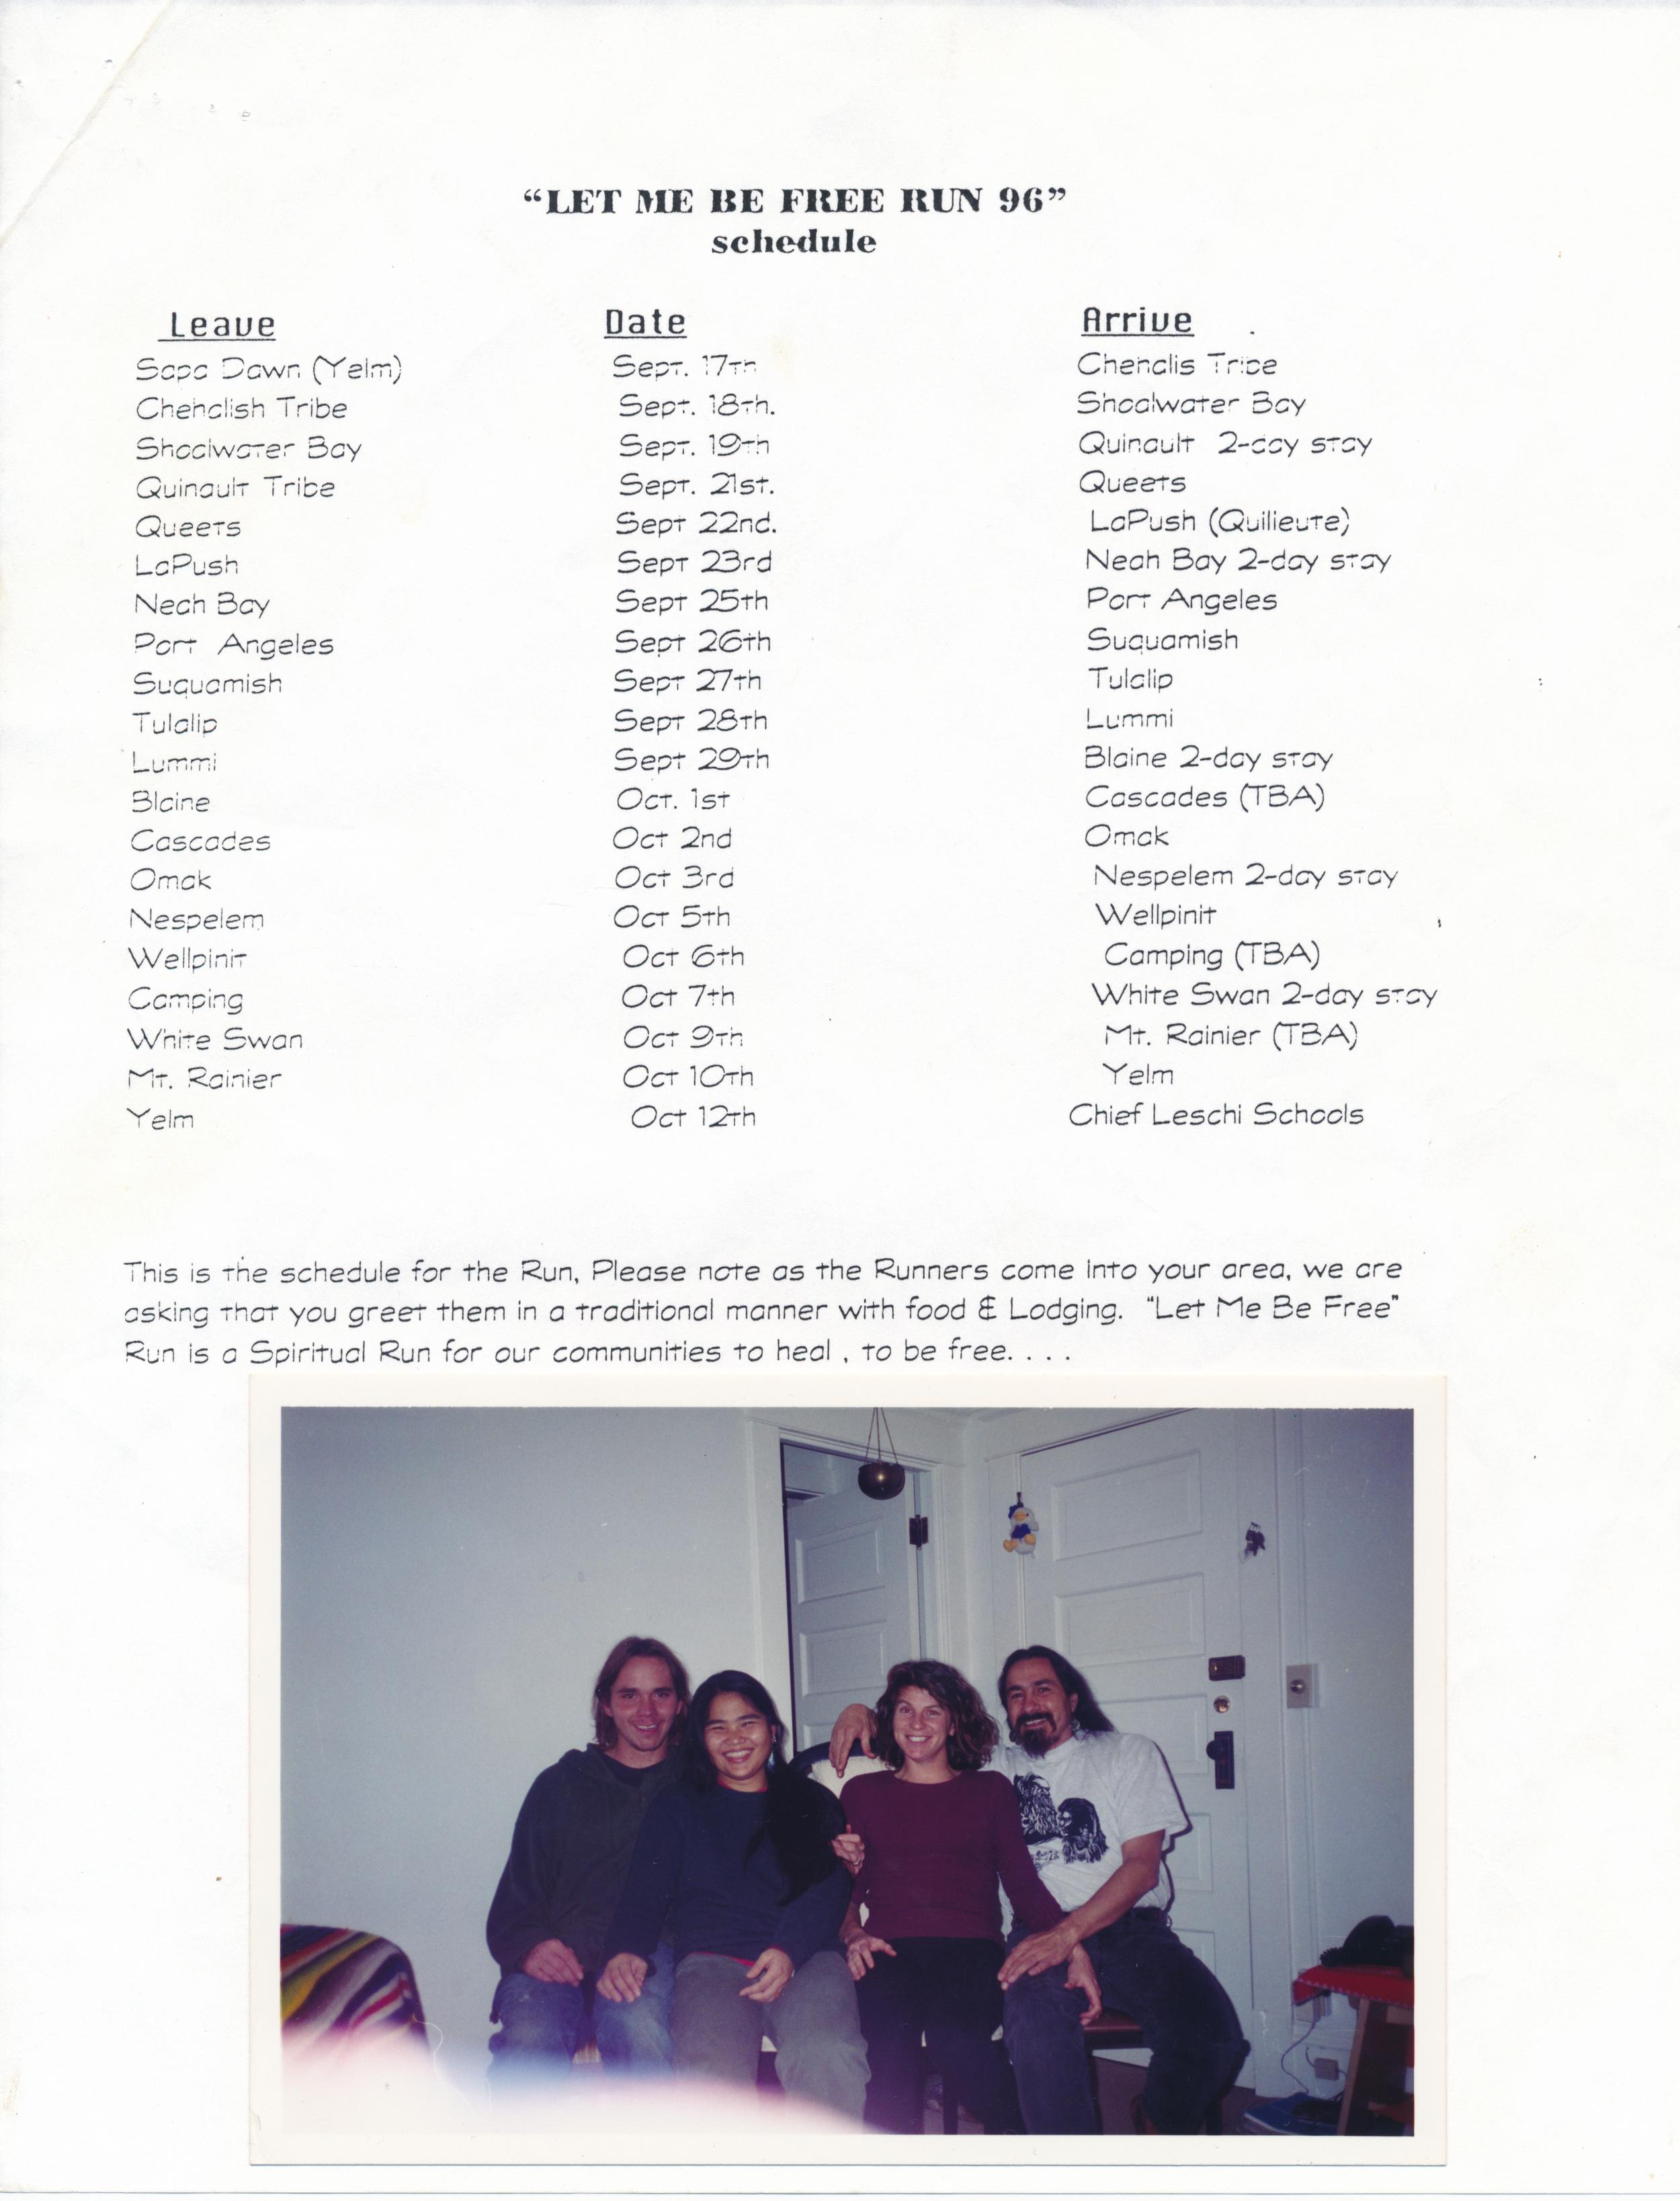 (L_R) Zac & Saiko, Sue Andrew & Aurellio